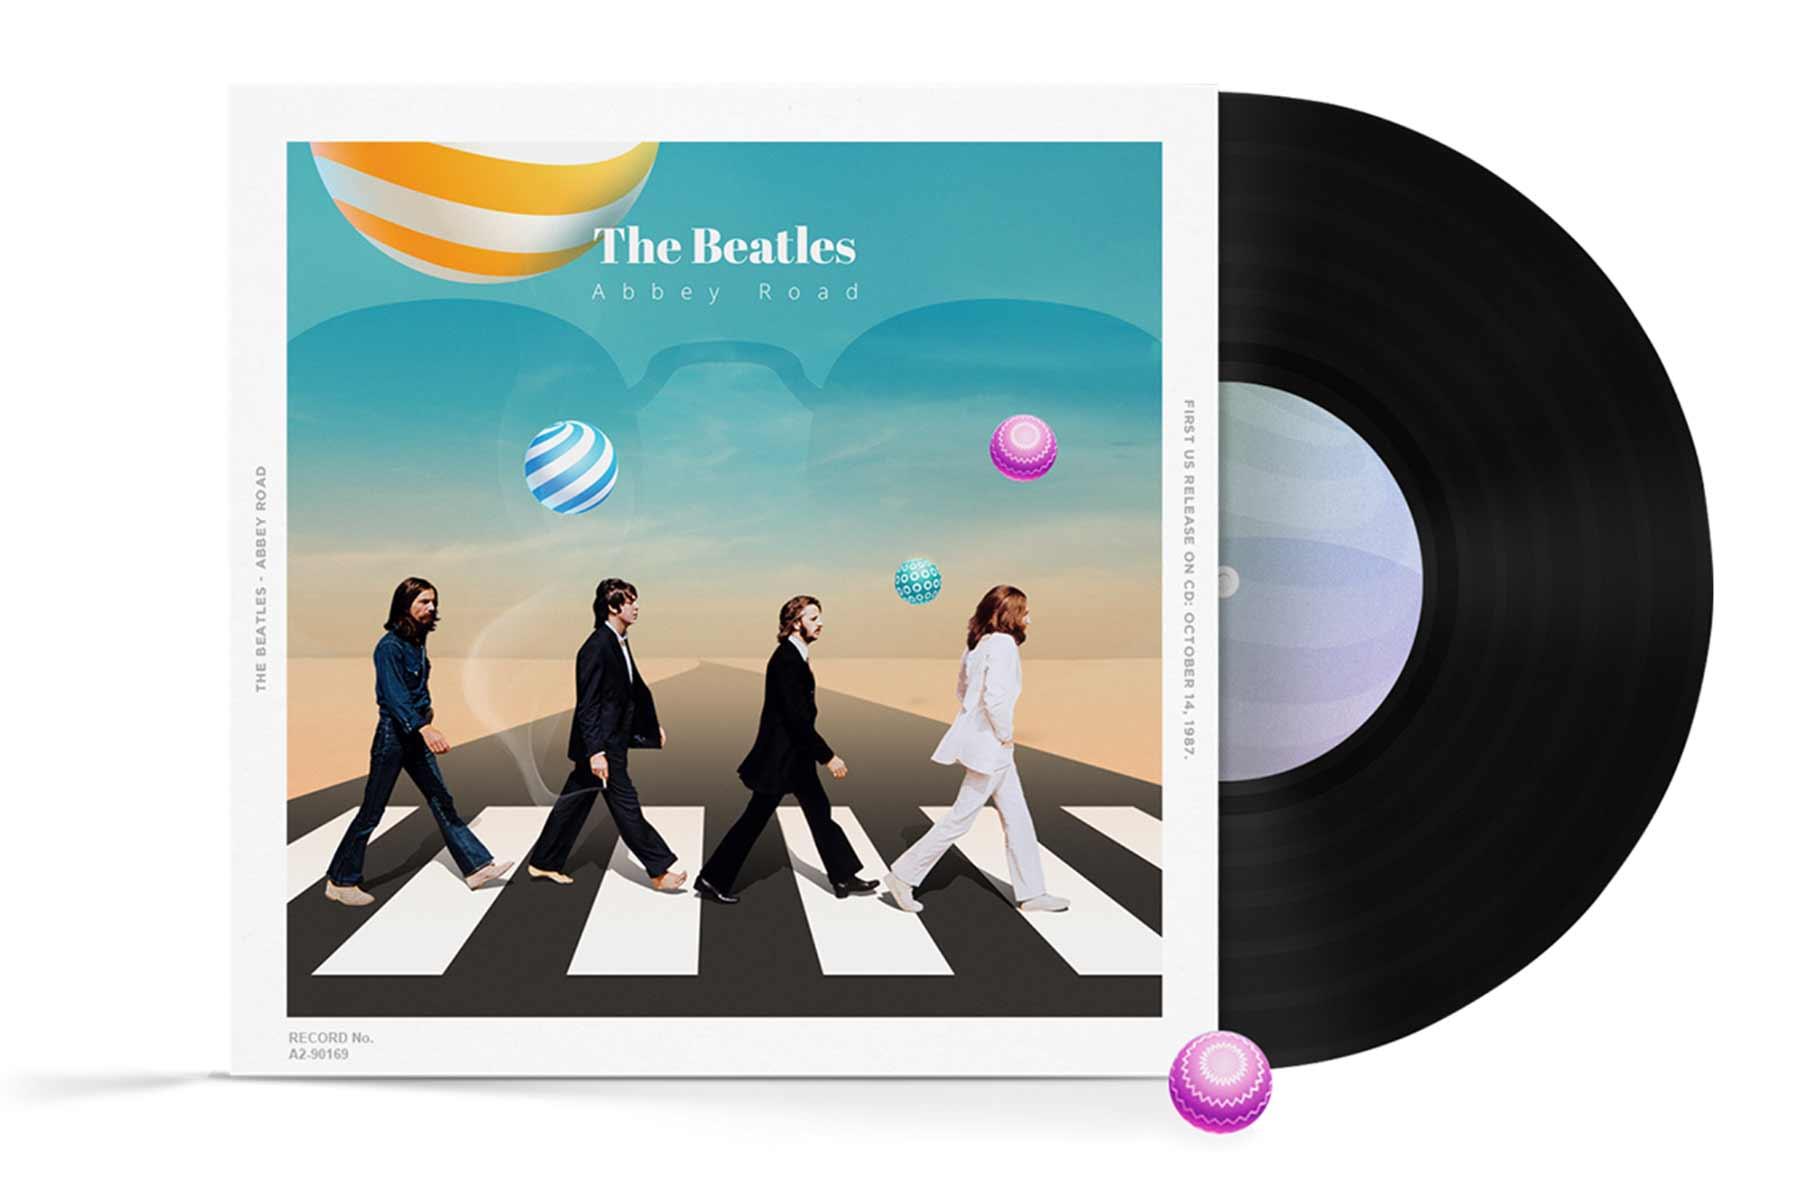 Neu-gestaltete Cover ikonischer Platten reimagined-album-covers_02